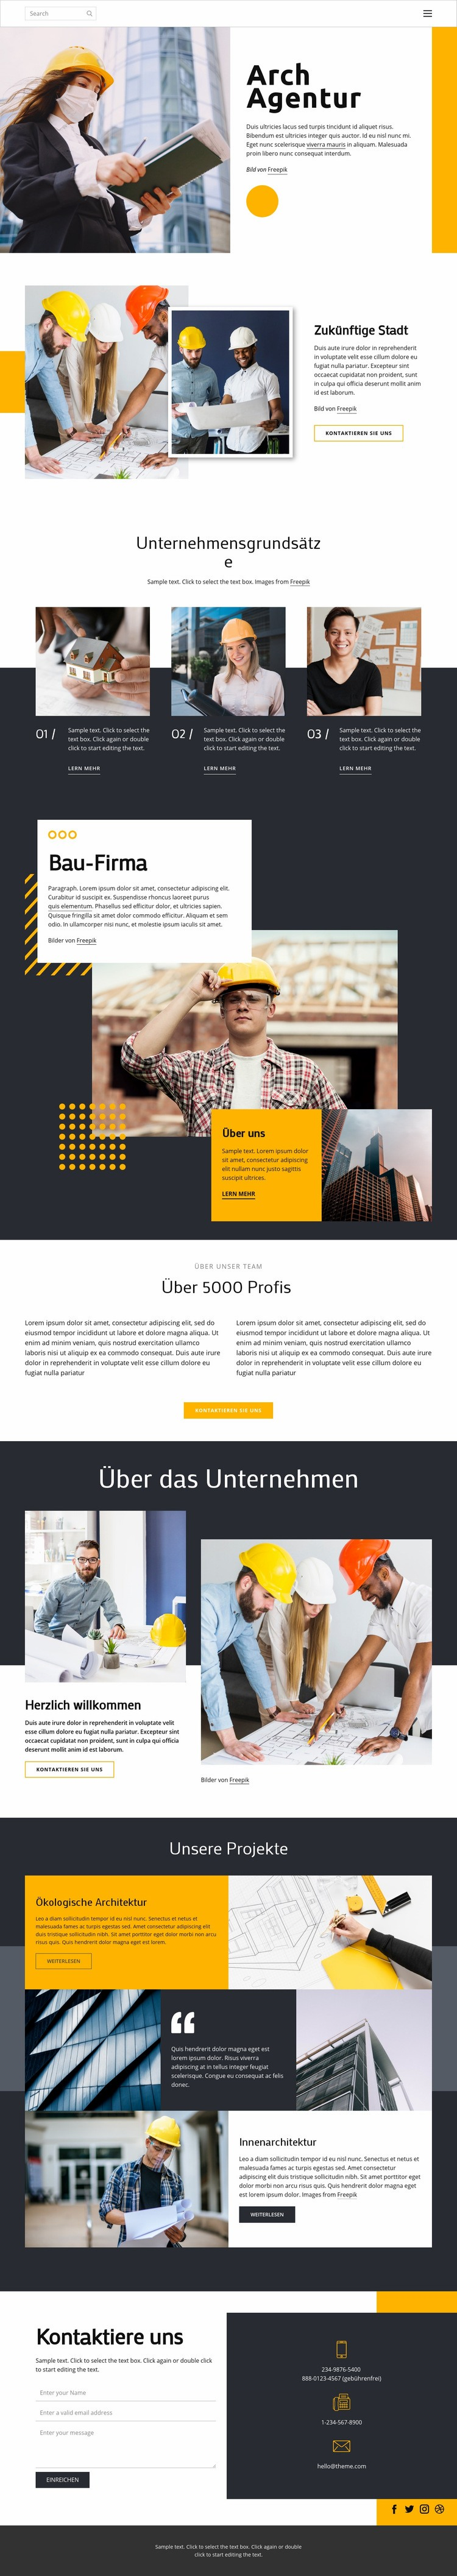 Preisgekrönte Architekten Website-Vorlage